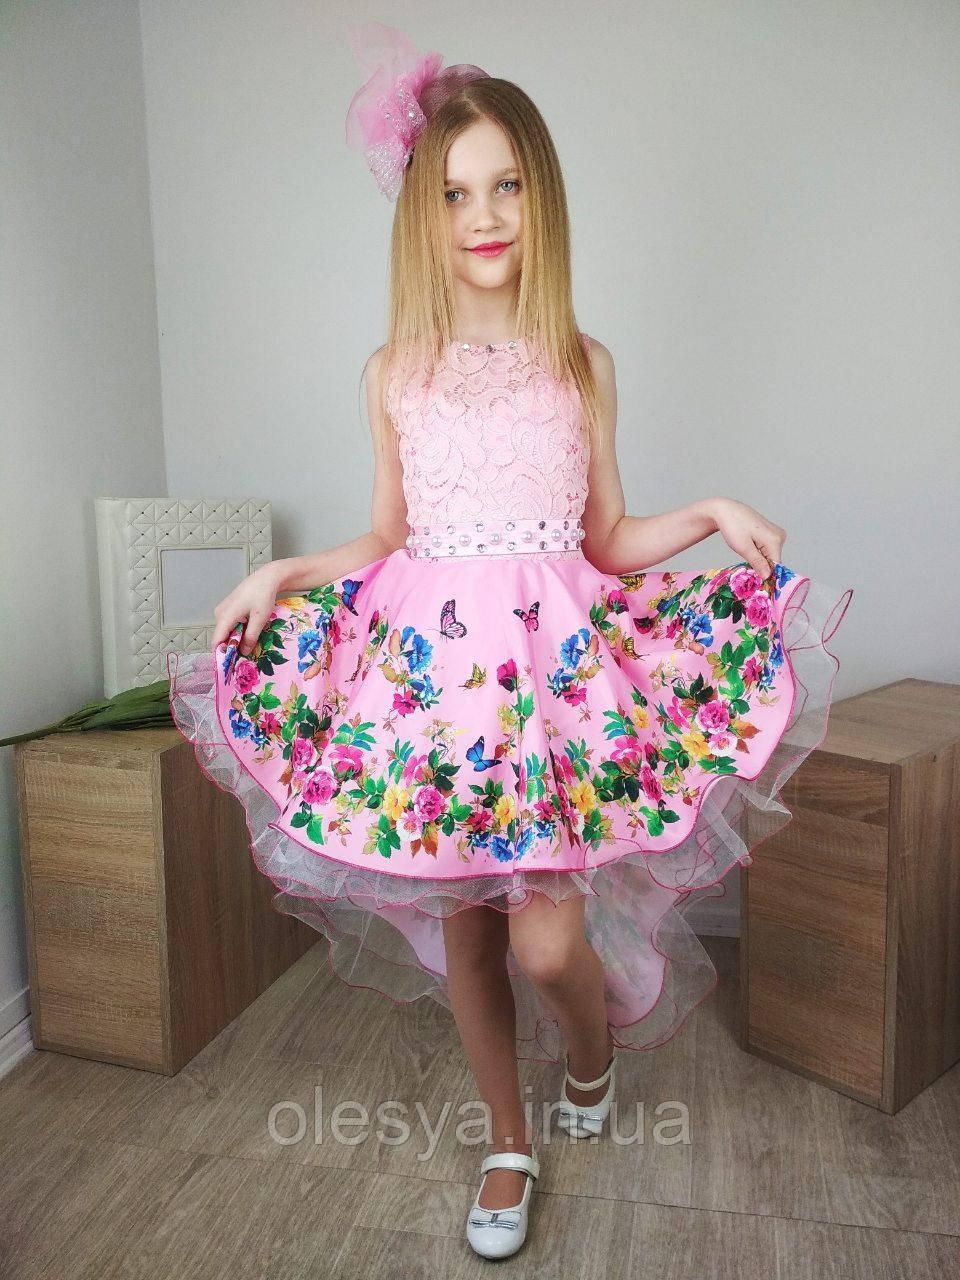 Платье со шлейфом для девочек от 4 до 10 лет